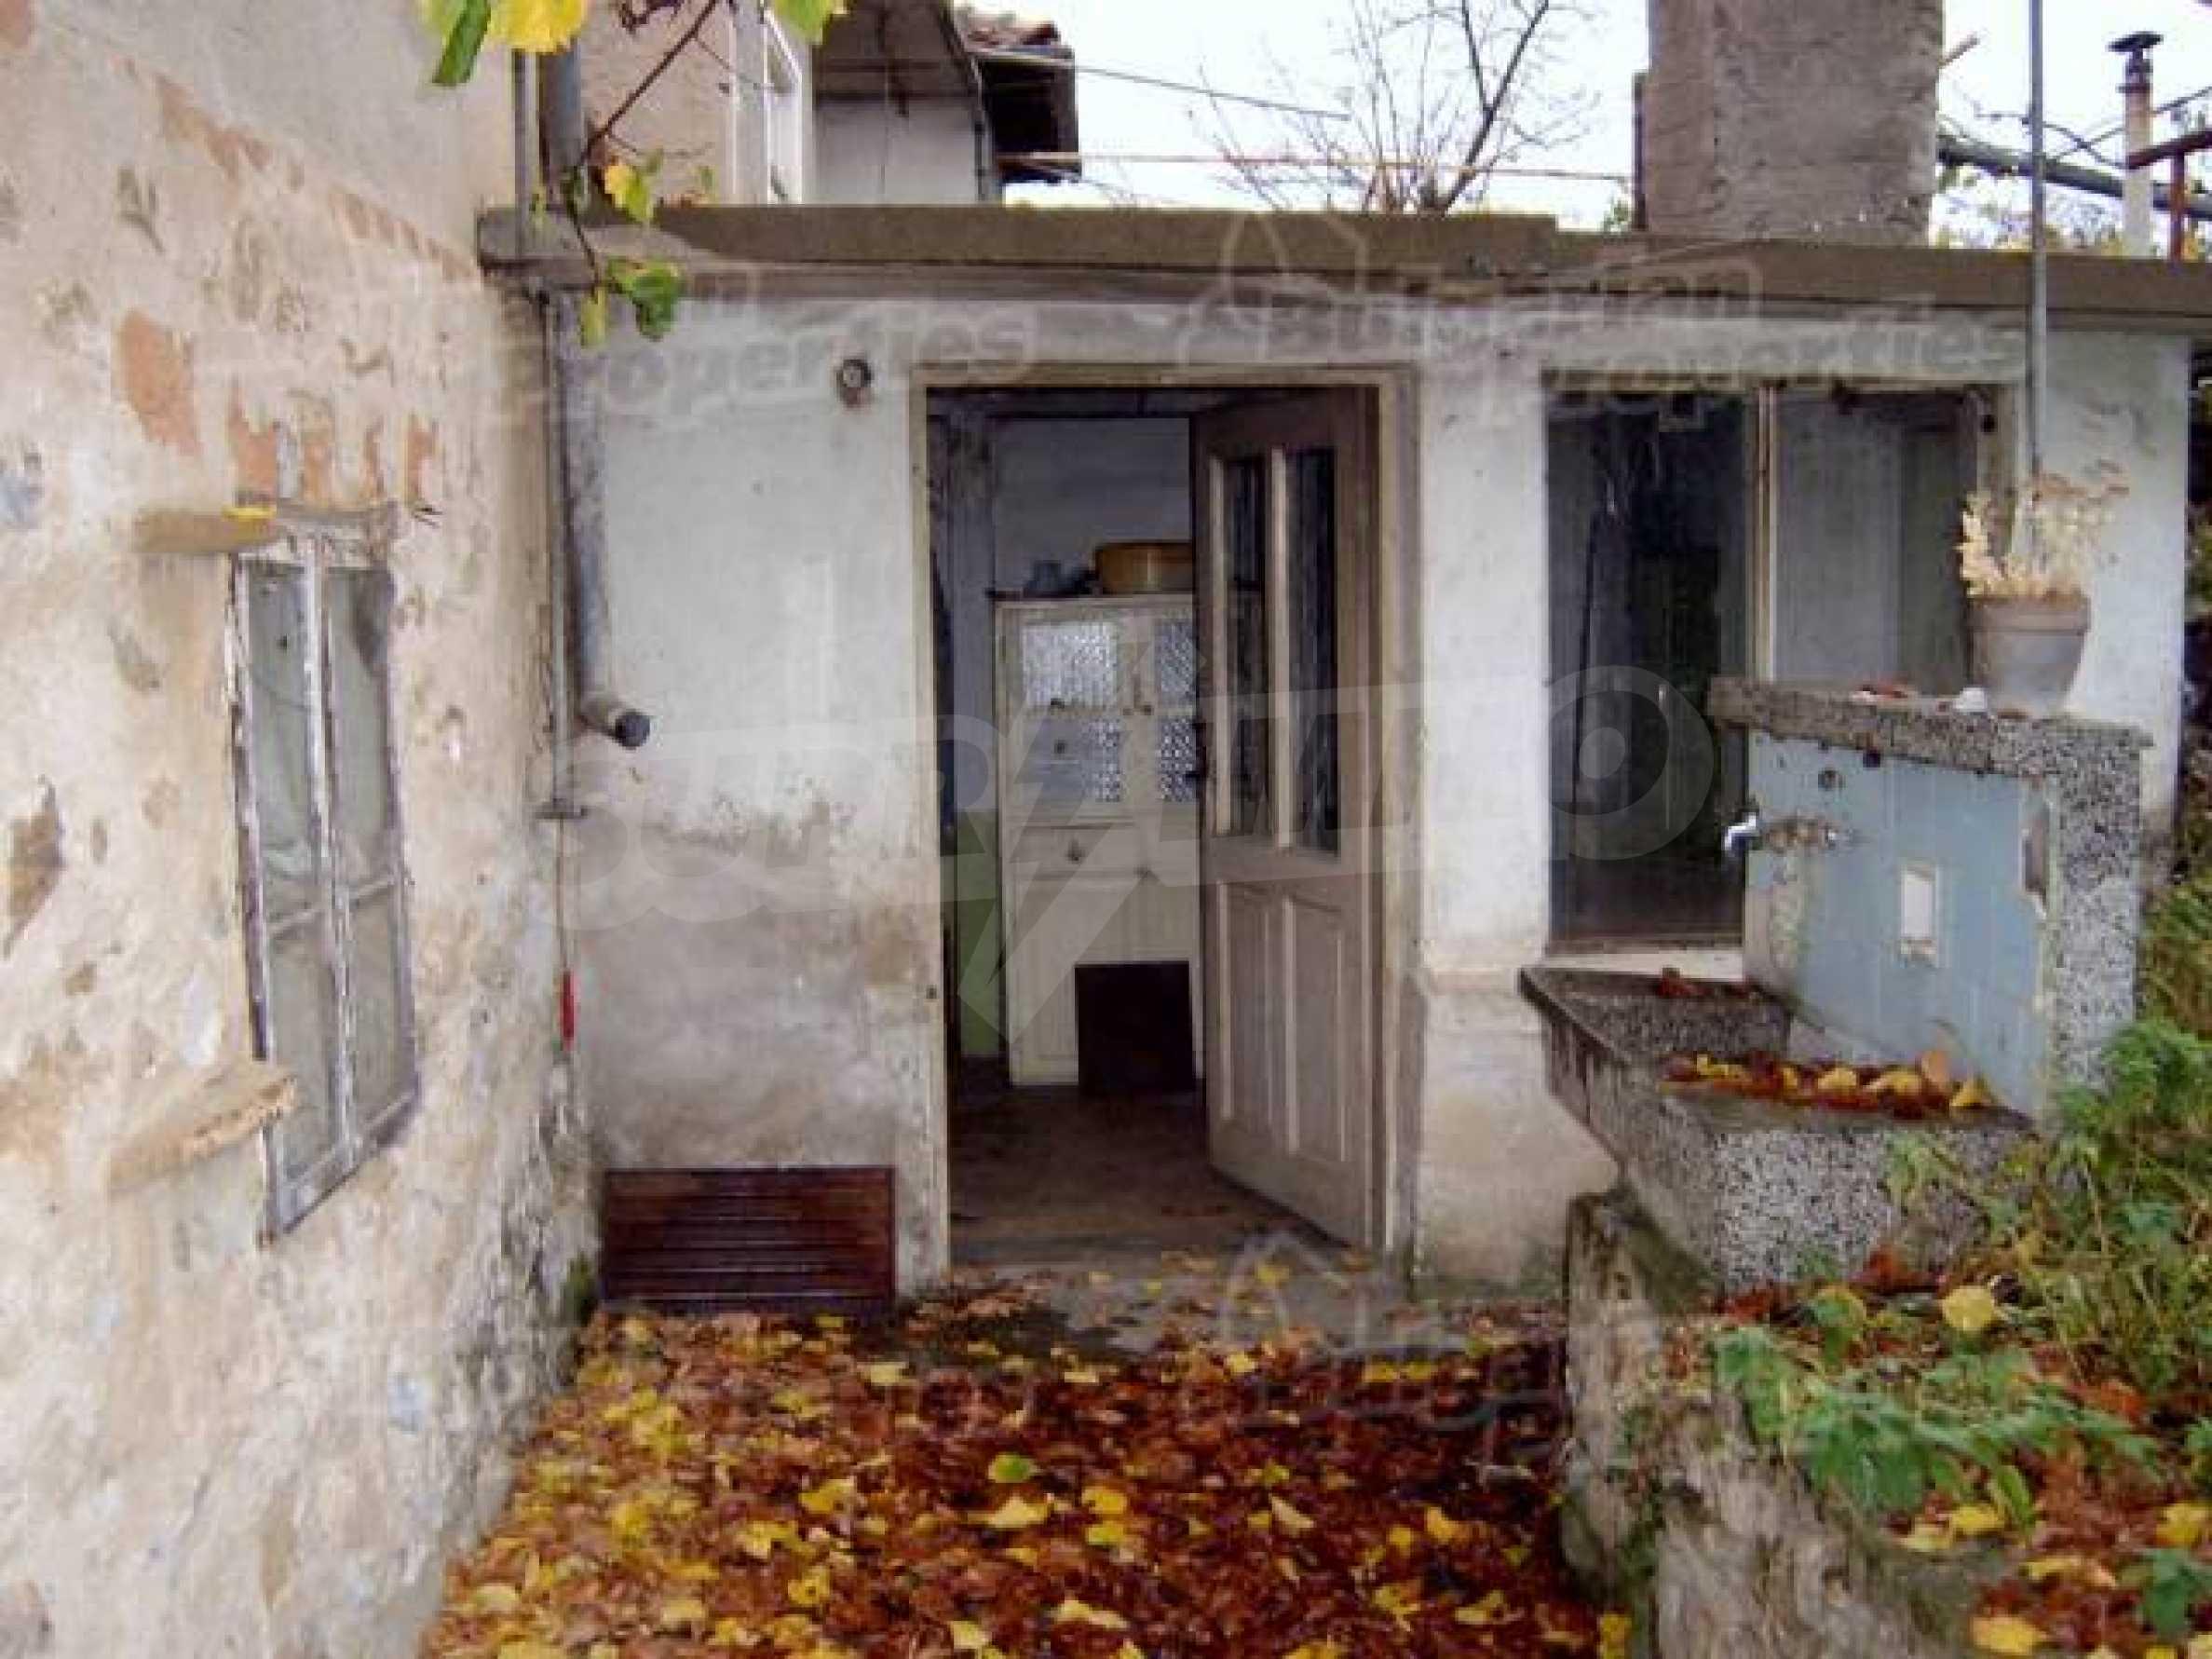 Zweistöckiges Haus in einem Dorf 10 km. von einem großen Damm 2